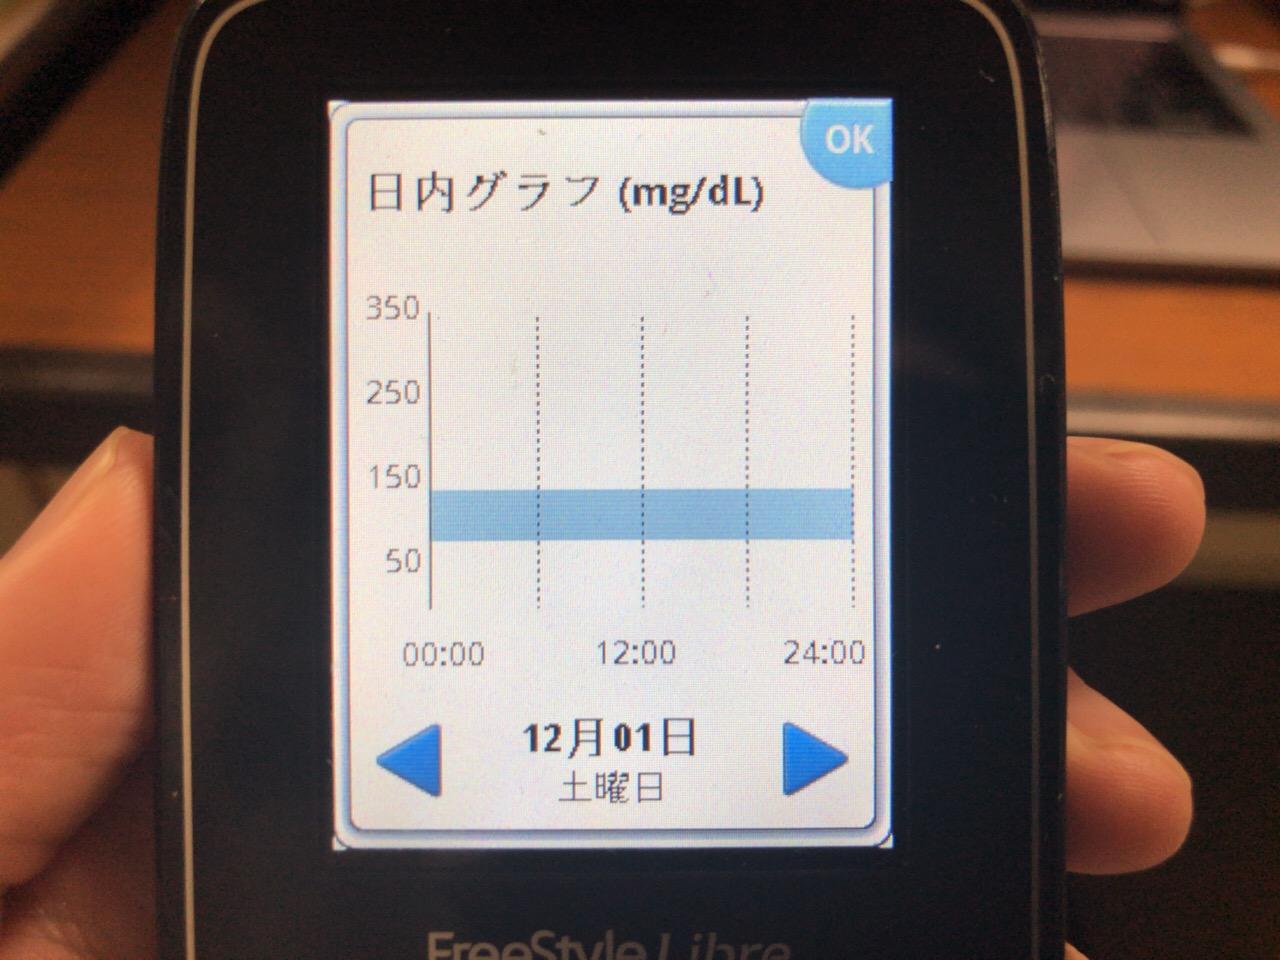 リブレお休み中.こんなときに限ってガッツリラーメン食べたりして血糖値が気になる1日|糖尿病内科医のフリースタイルリブレ自己血糖記録